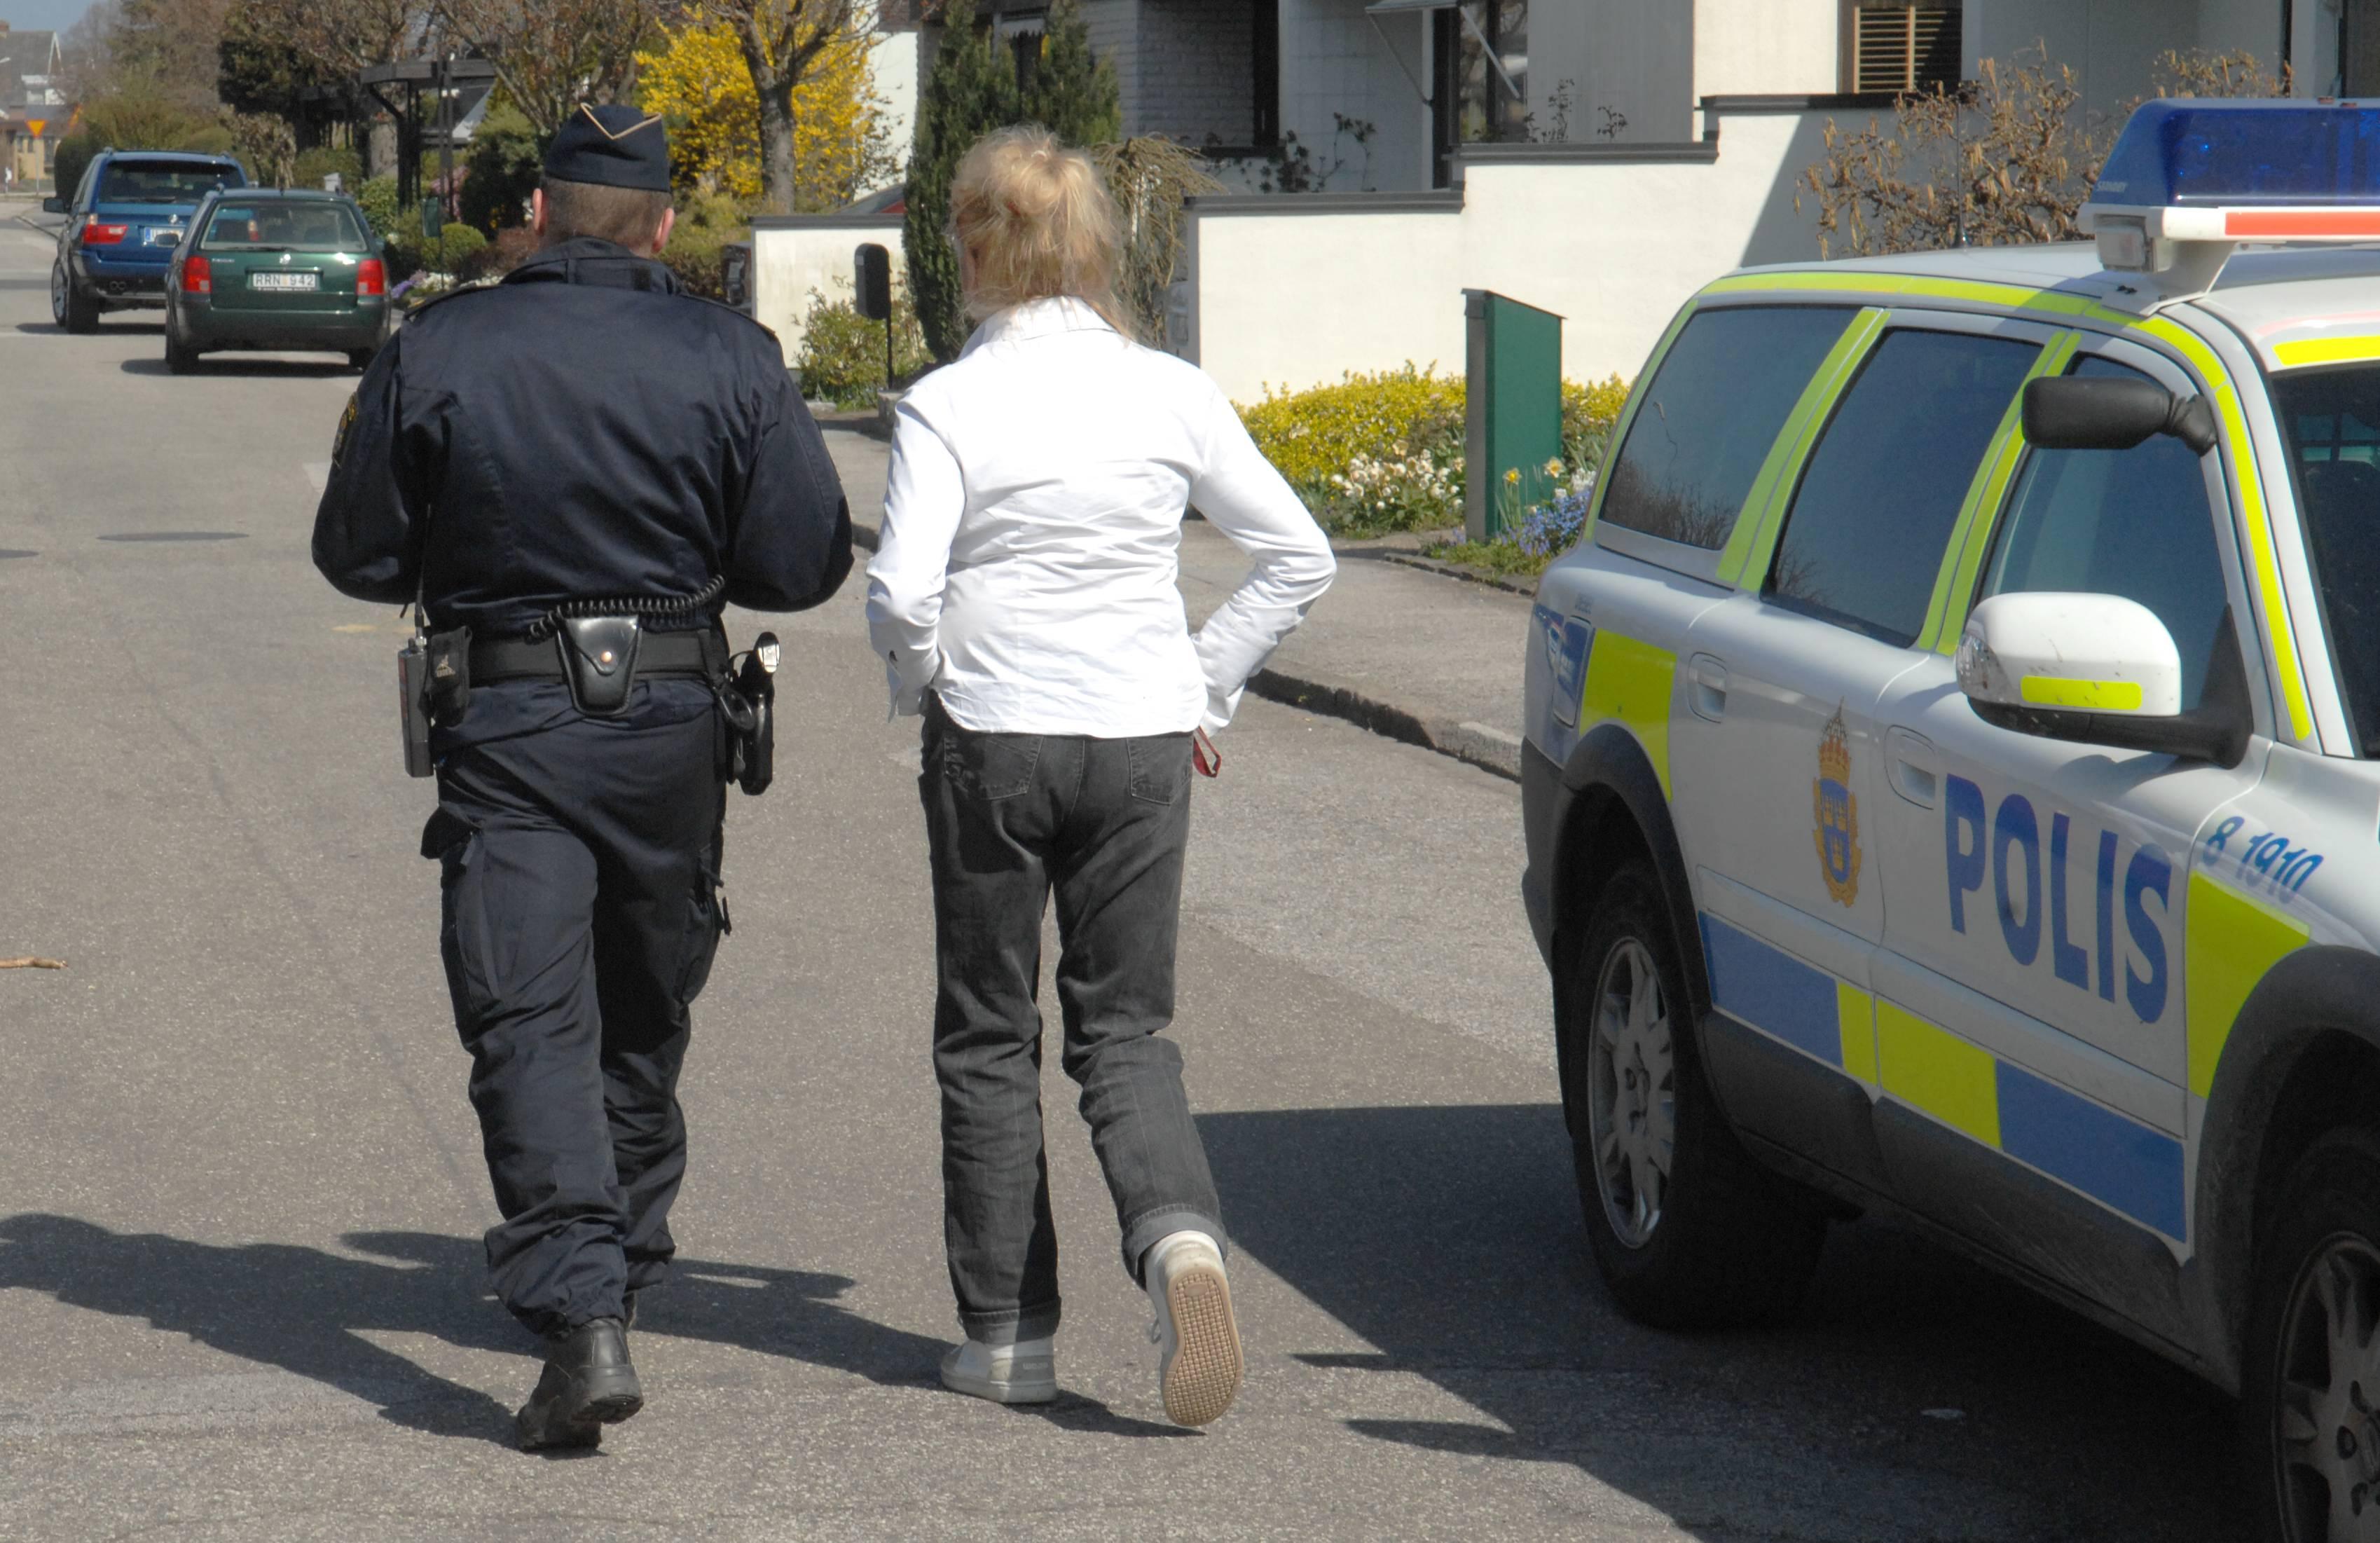 Chatta och dejta online i Kristianstad   Trffa kvinnor och mn i